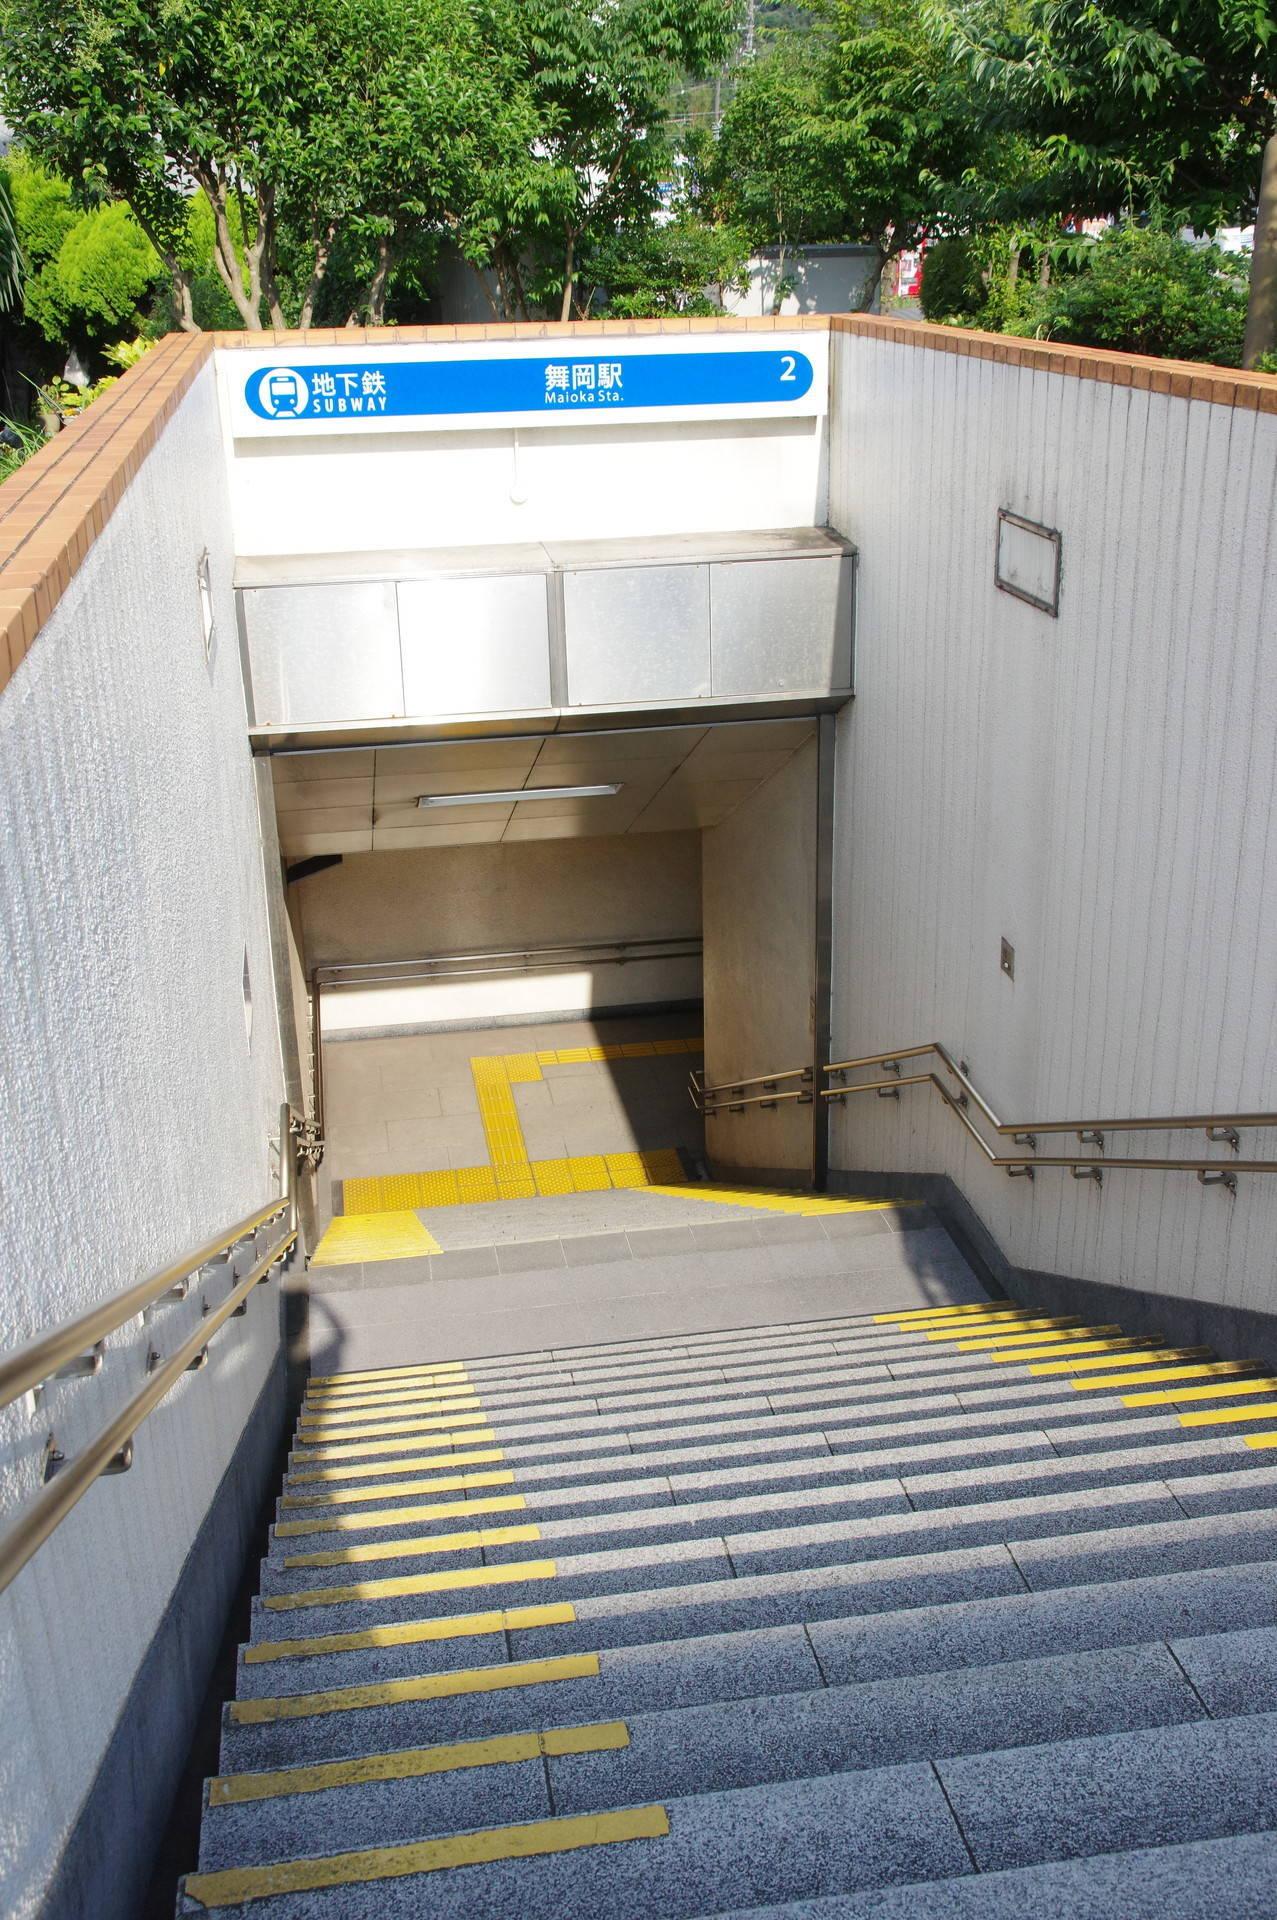 2番出口の階段とシャッター